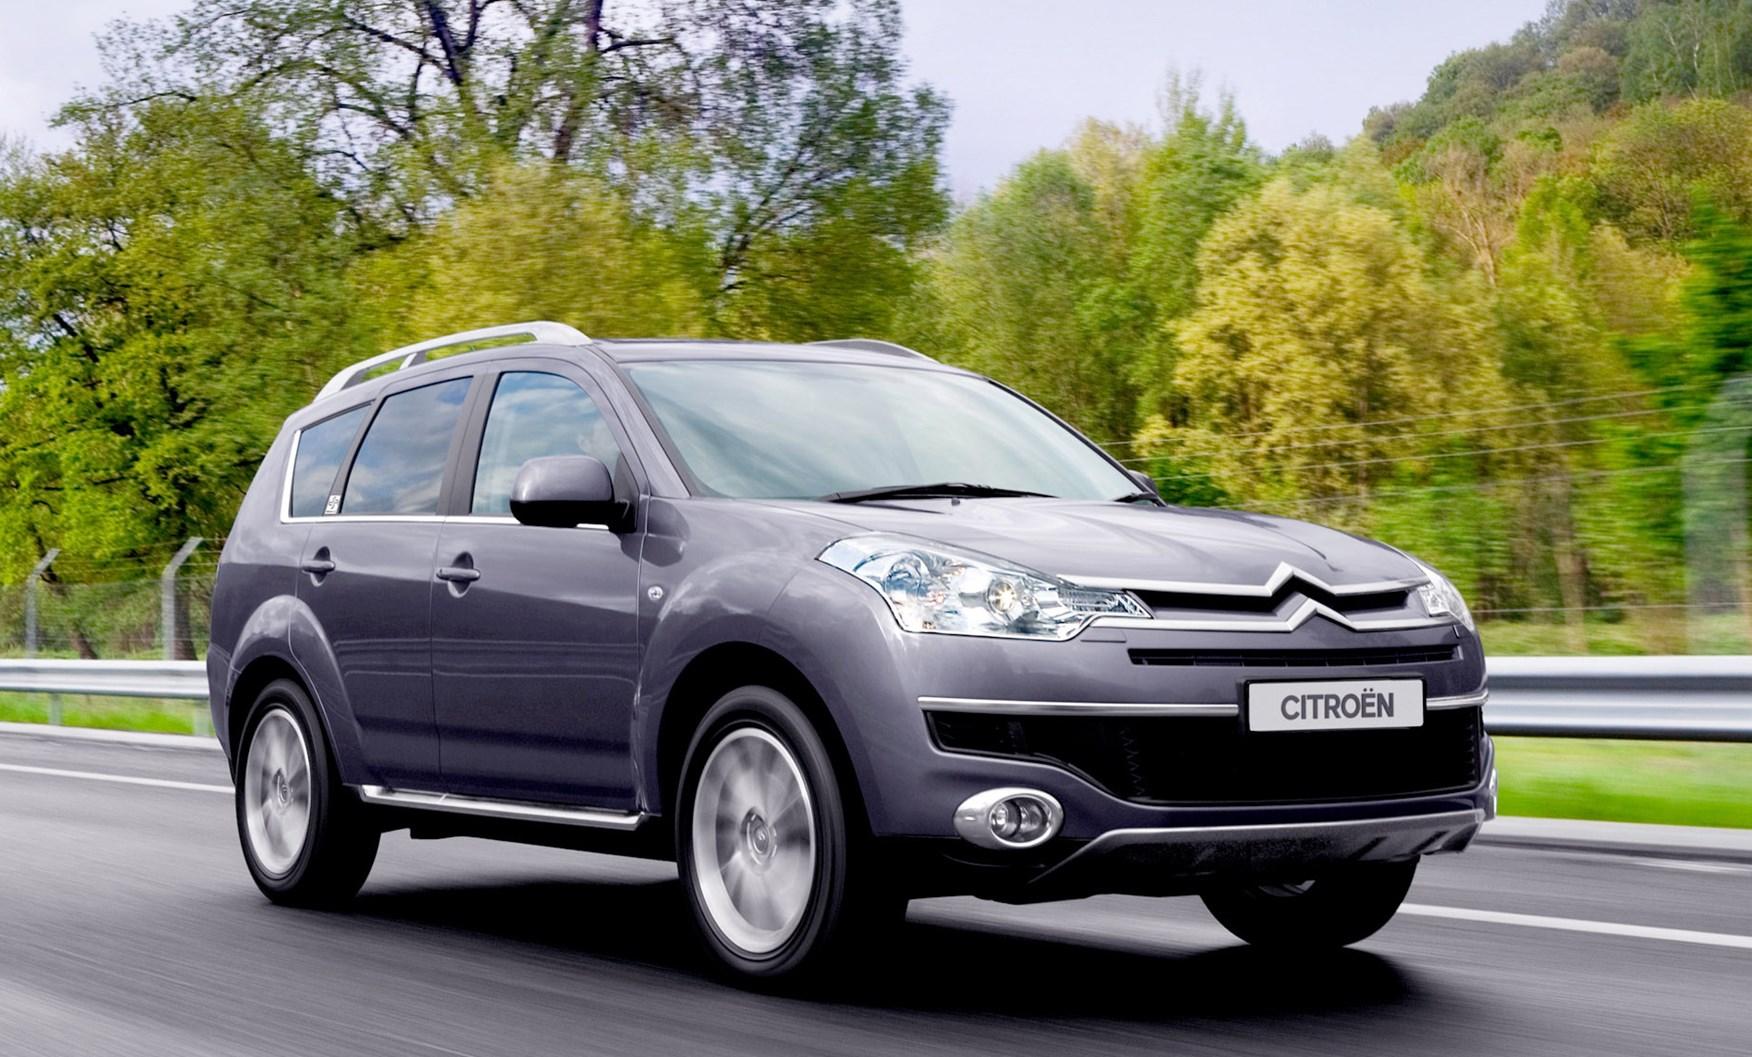 Citroën C-Crosser Estate Review (2007 - 2012)